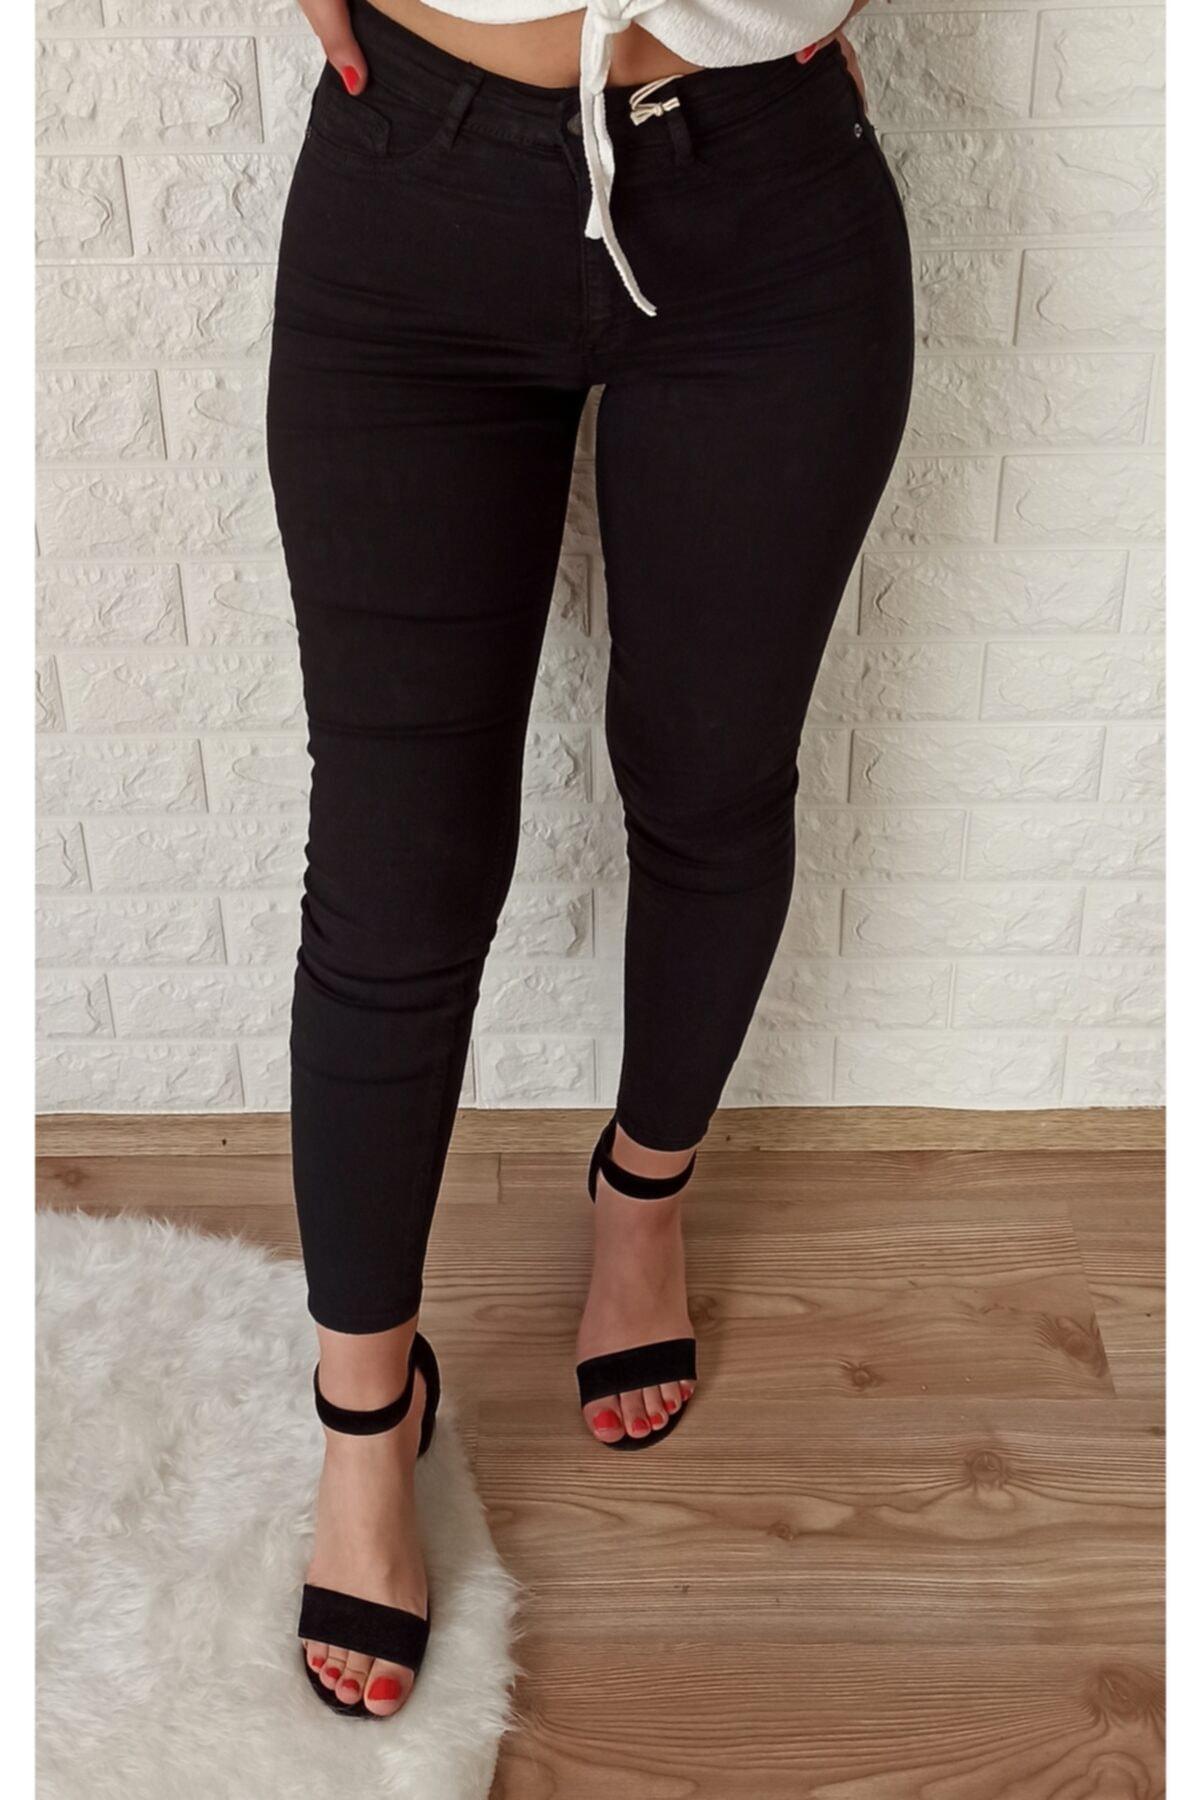 Meli Aksesuar Kadın Siyah Toparlayıcı Ligralı Pantolon 1